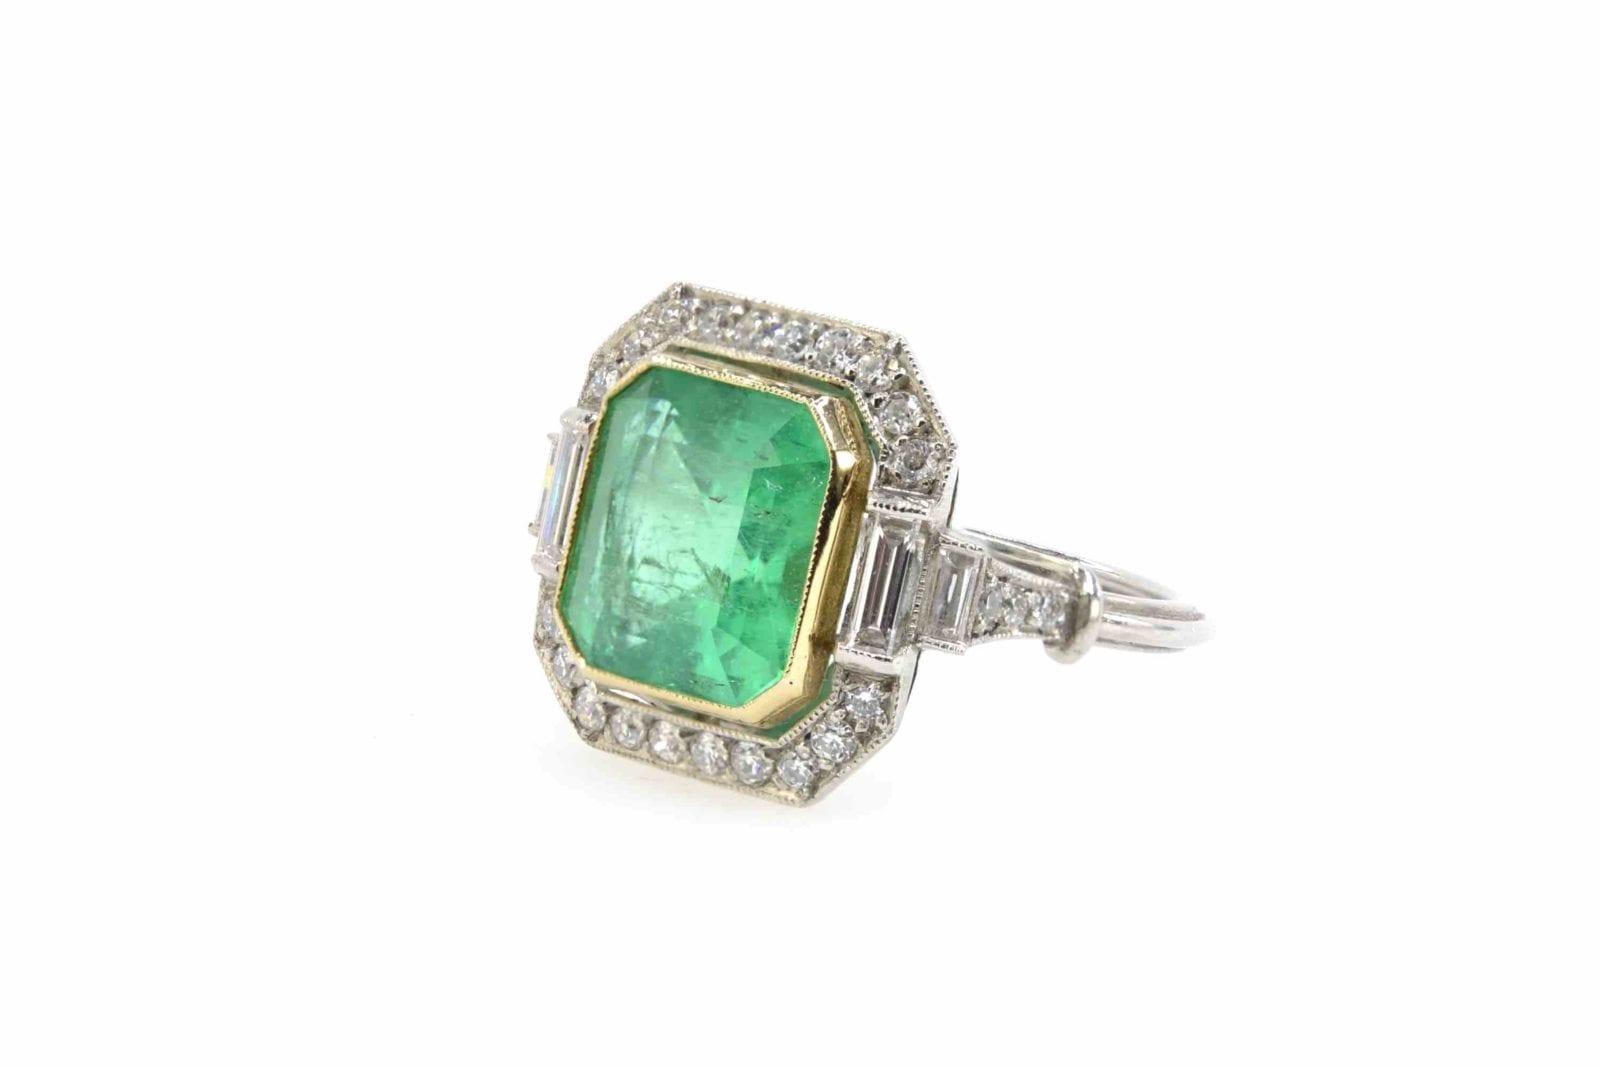 acheter des bijoux vitage